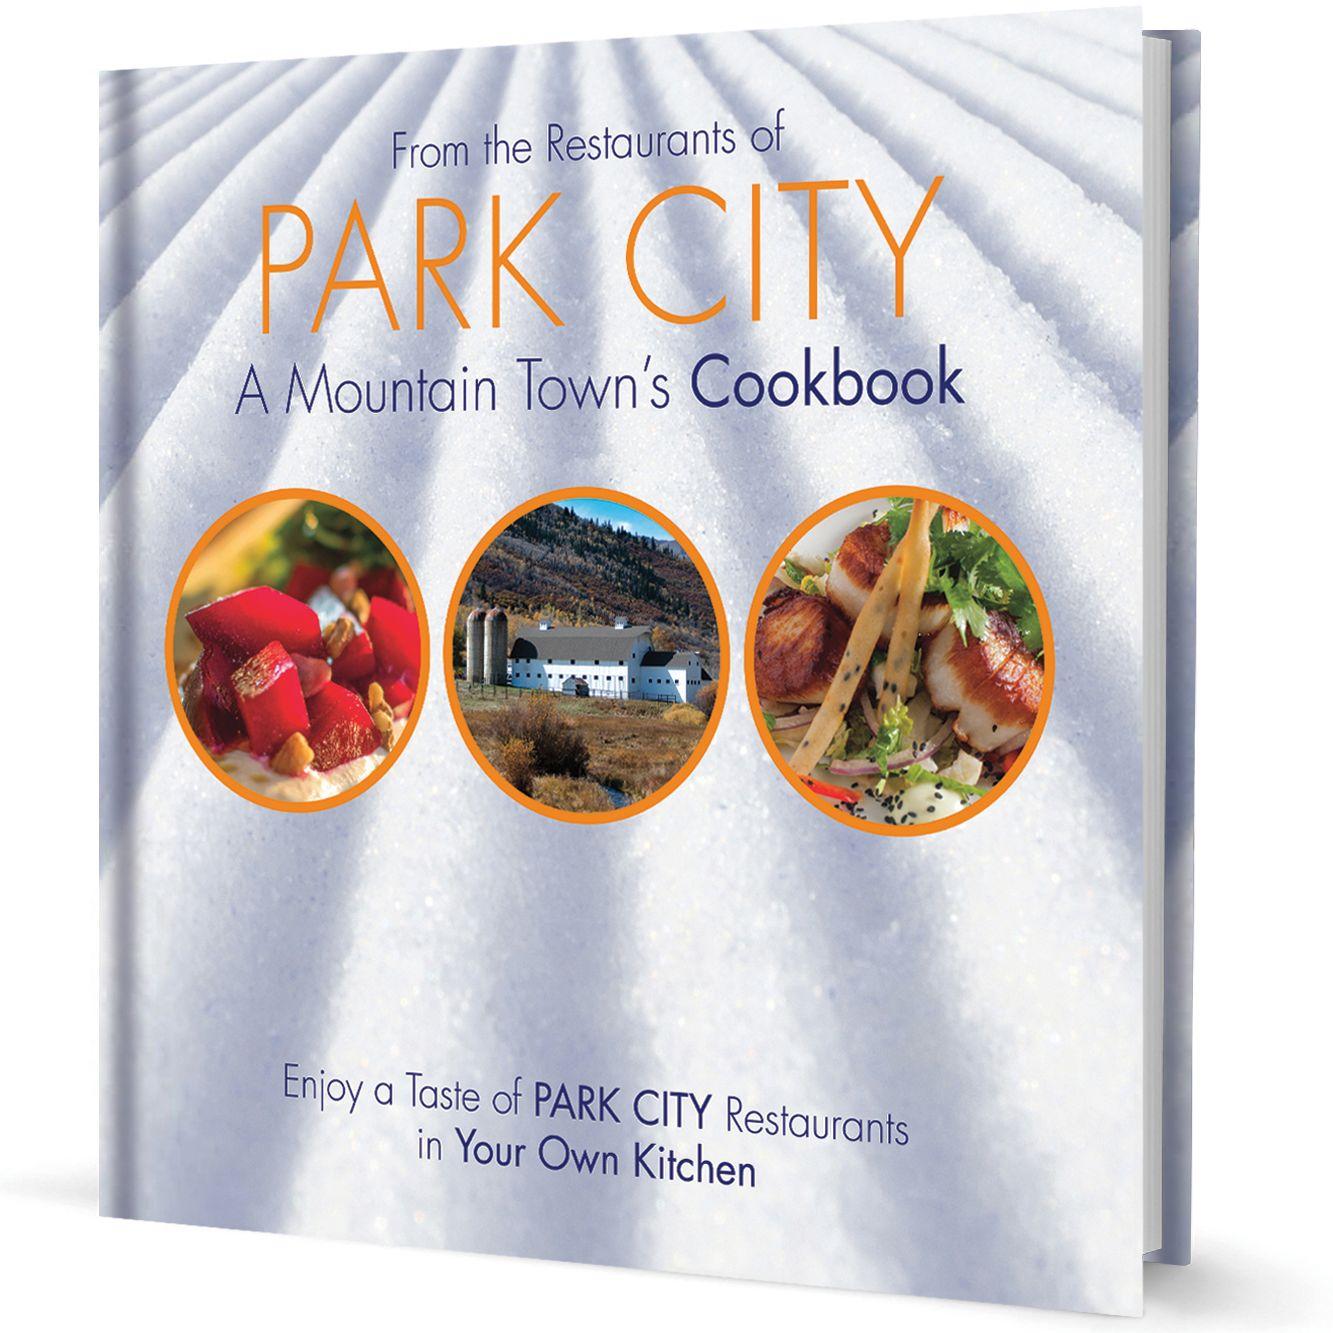 Parkcity restaurantcookbook va5z7p